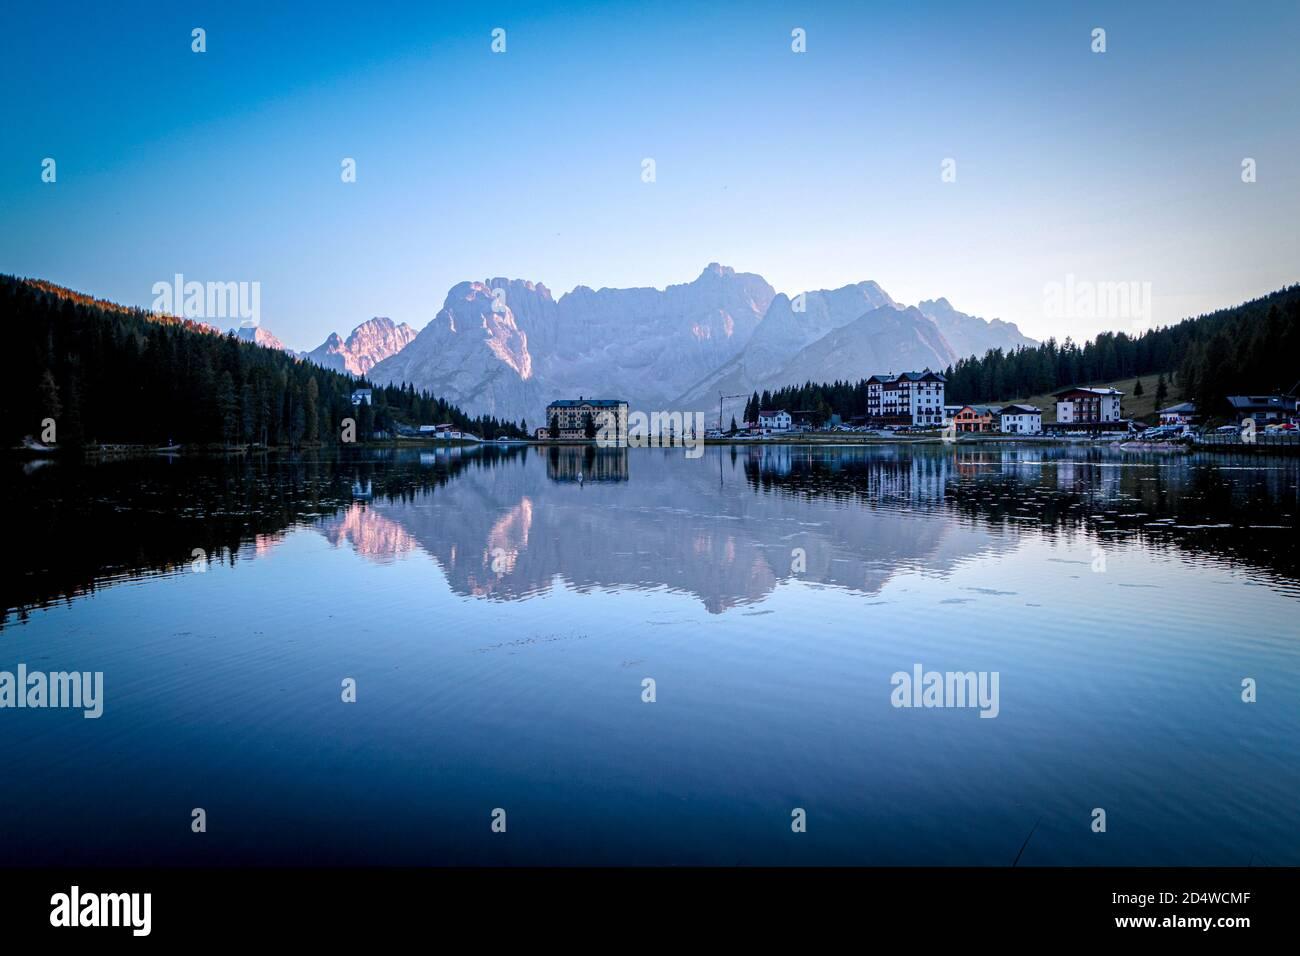 sunset-at-lago-di-misurina-with-mirror-l